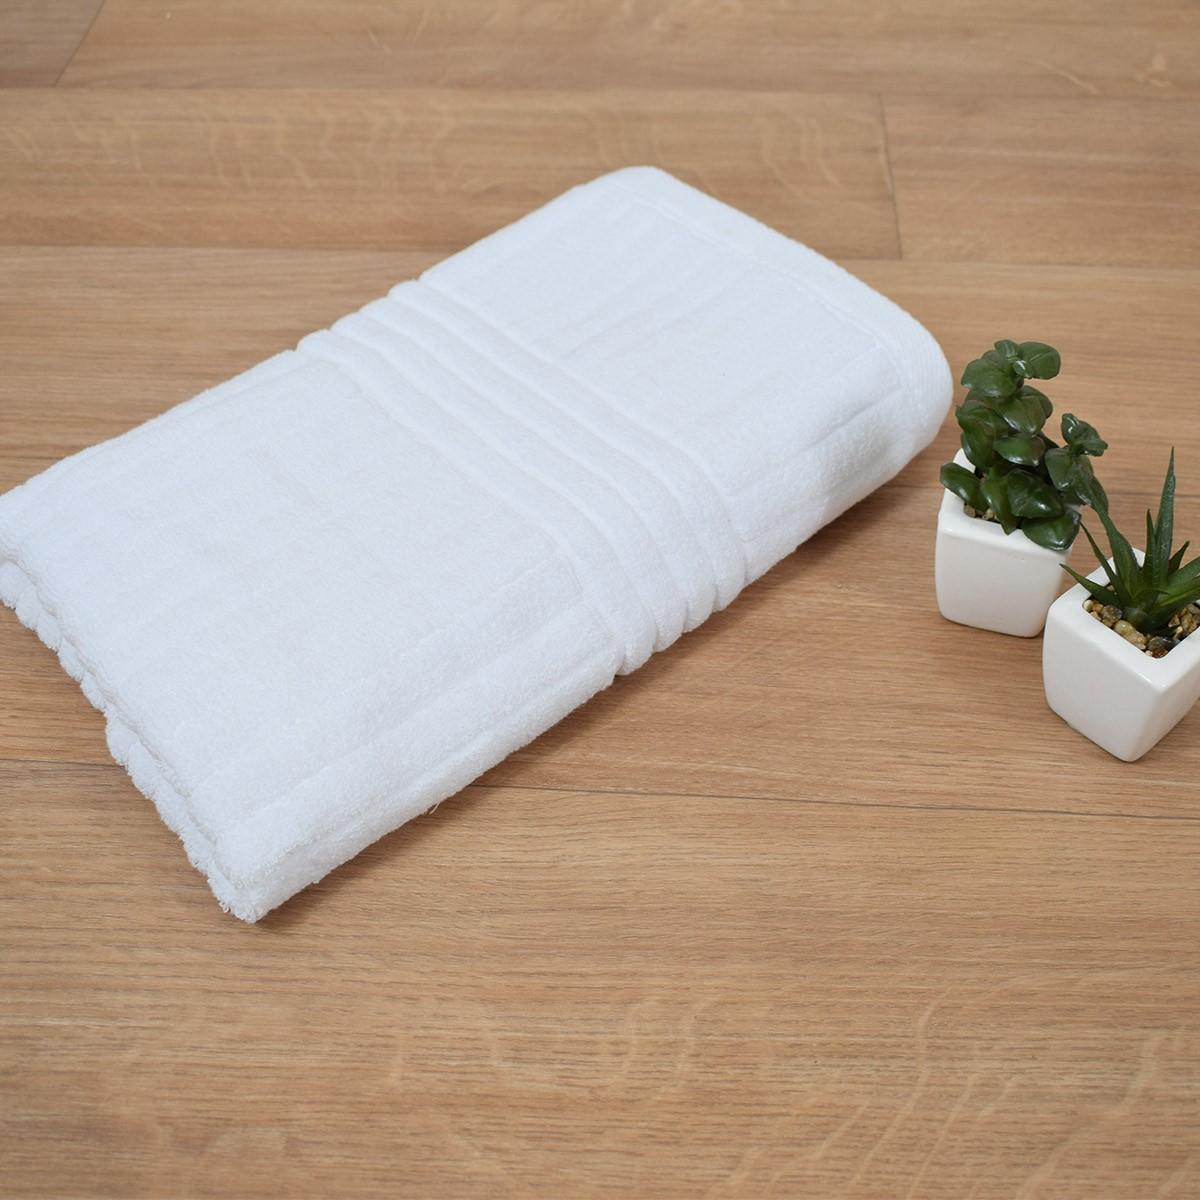 Πετσέτα Προσώπου Λευκή (50x100) Κοτλέ 720gr/m2 home   επαγγελματικός εξοπλισμός   ξενοδοχειακός εξοπλισμός   πετσέτες ξενοδοχεί